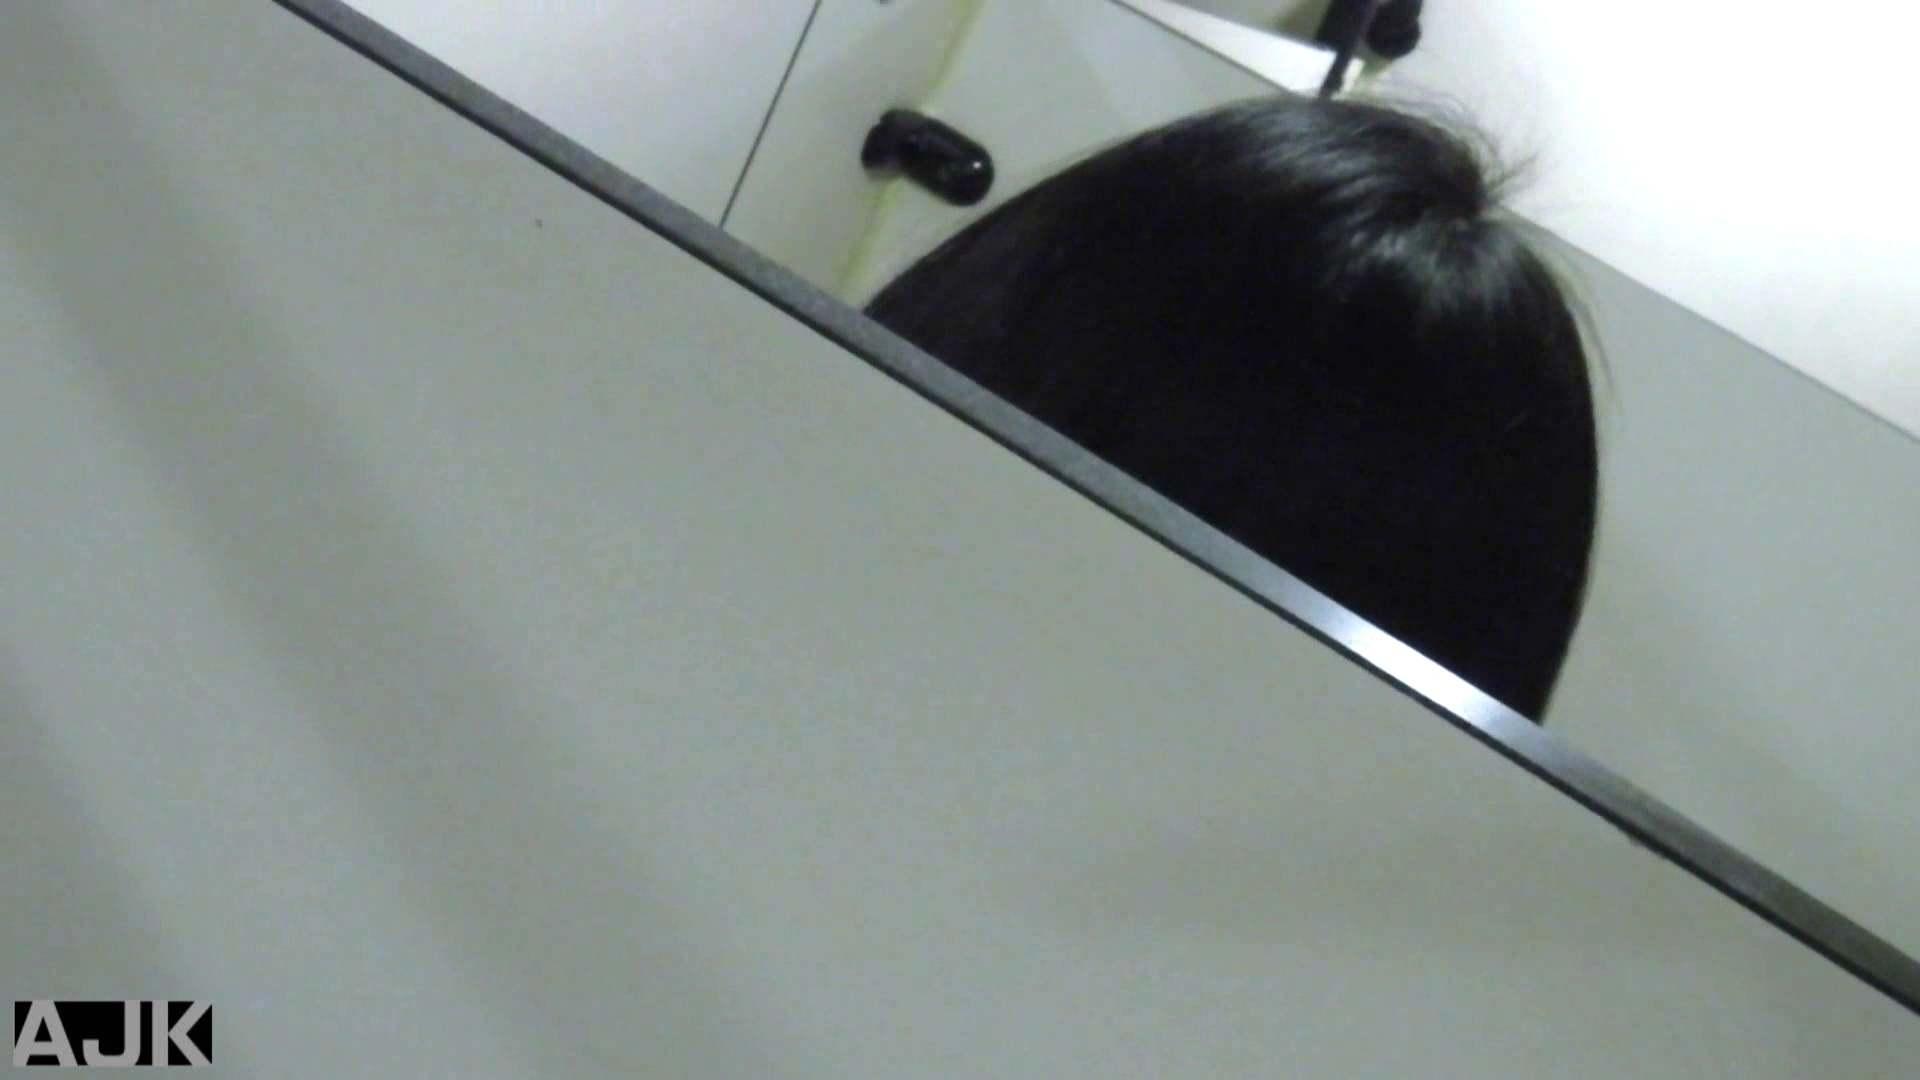 隣国上階級エリアの令嬢たちが集うデパートお手洗い Vol.30 女子トイレの中 オマンコ無修正動画無料 92画像 20